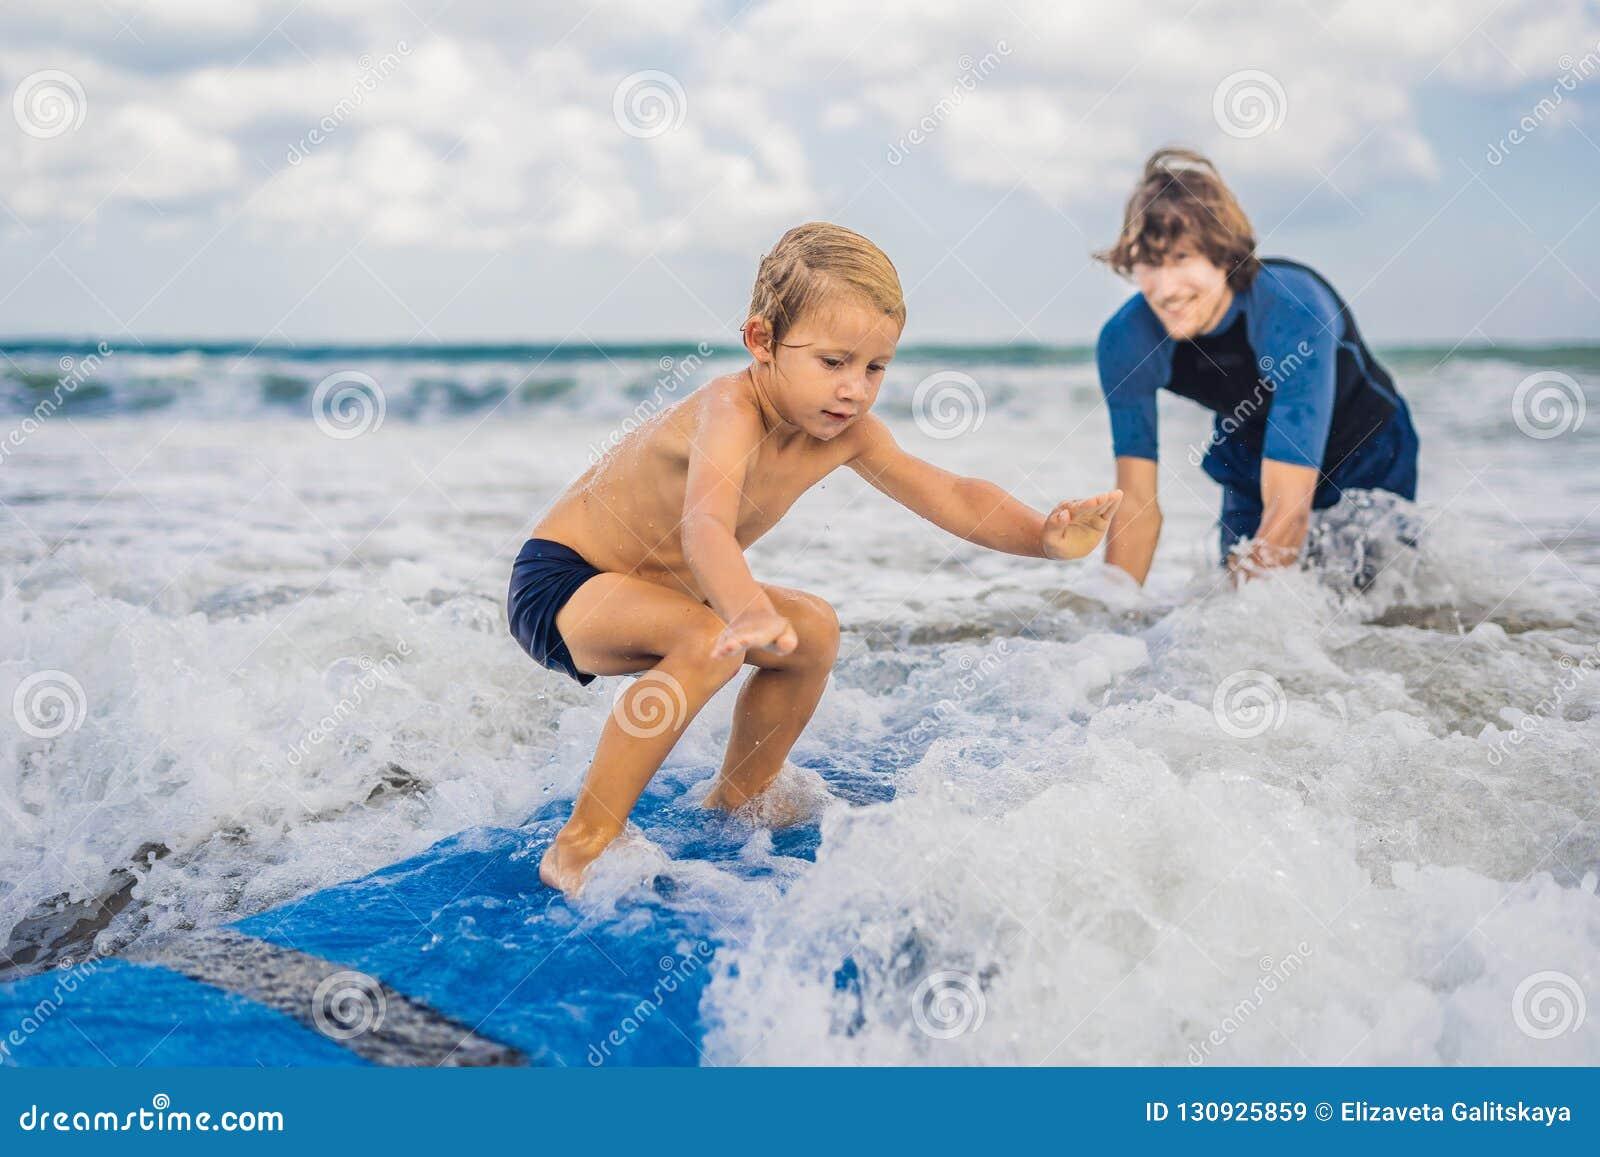 Πατέρας ή εκπαιδευτικός που διδάσκει το 4χρονο γιο του πώς να κάνει σερφ μέσα